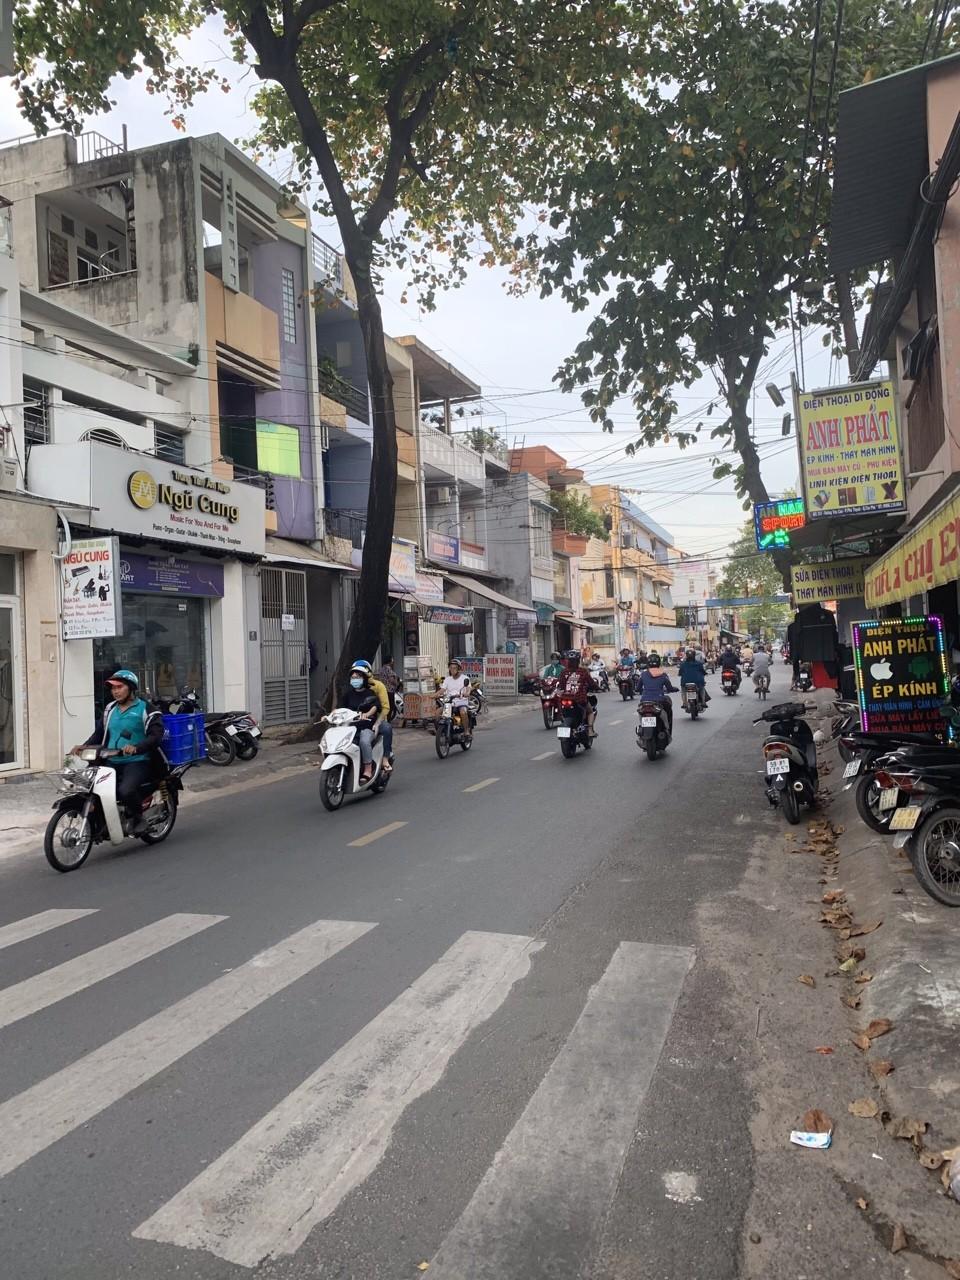 Bán nhà Mặt tiền đường Lê Sao phường Phú Thạnh quận Tân Phú. DT 3,5x14m